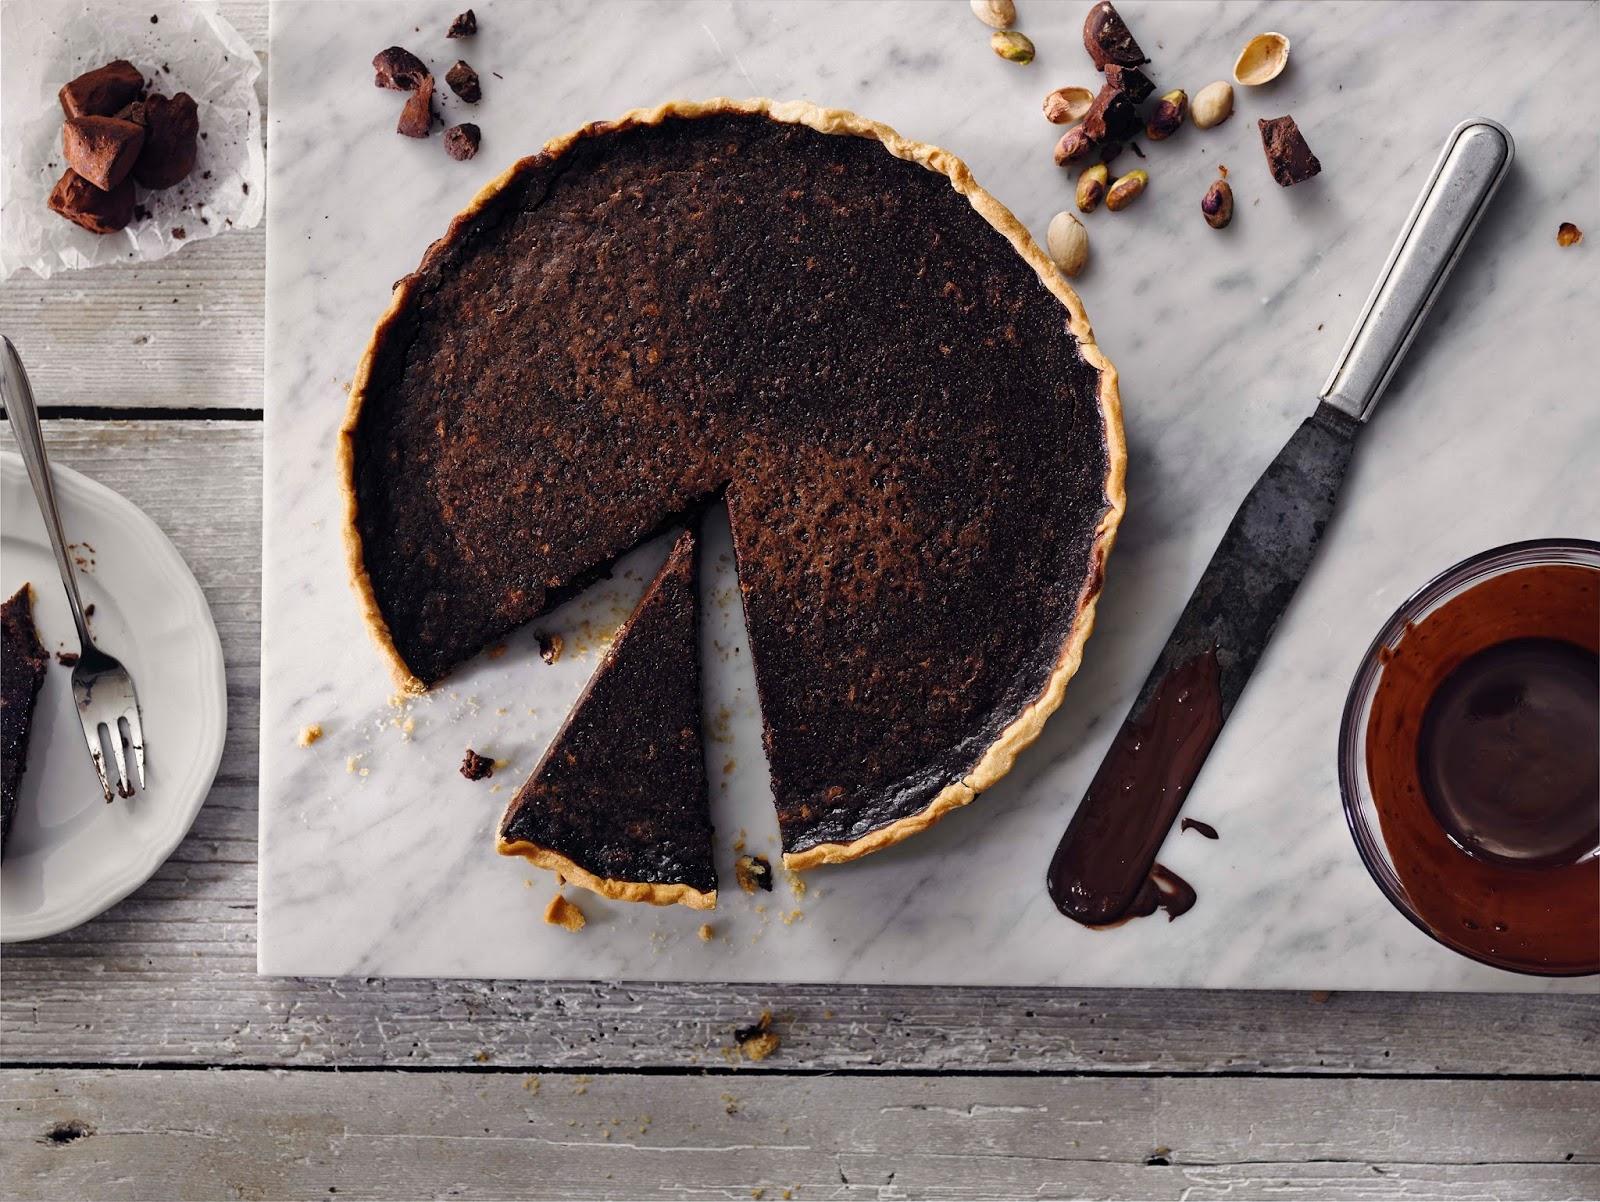 Monty Bojangles Pistachio Marooned Chocolate Tart